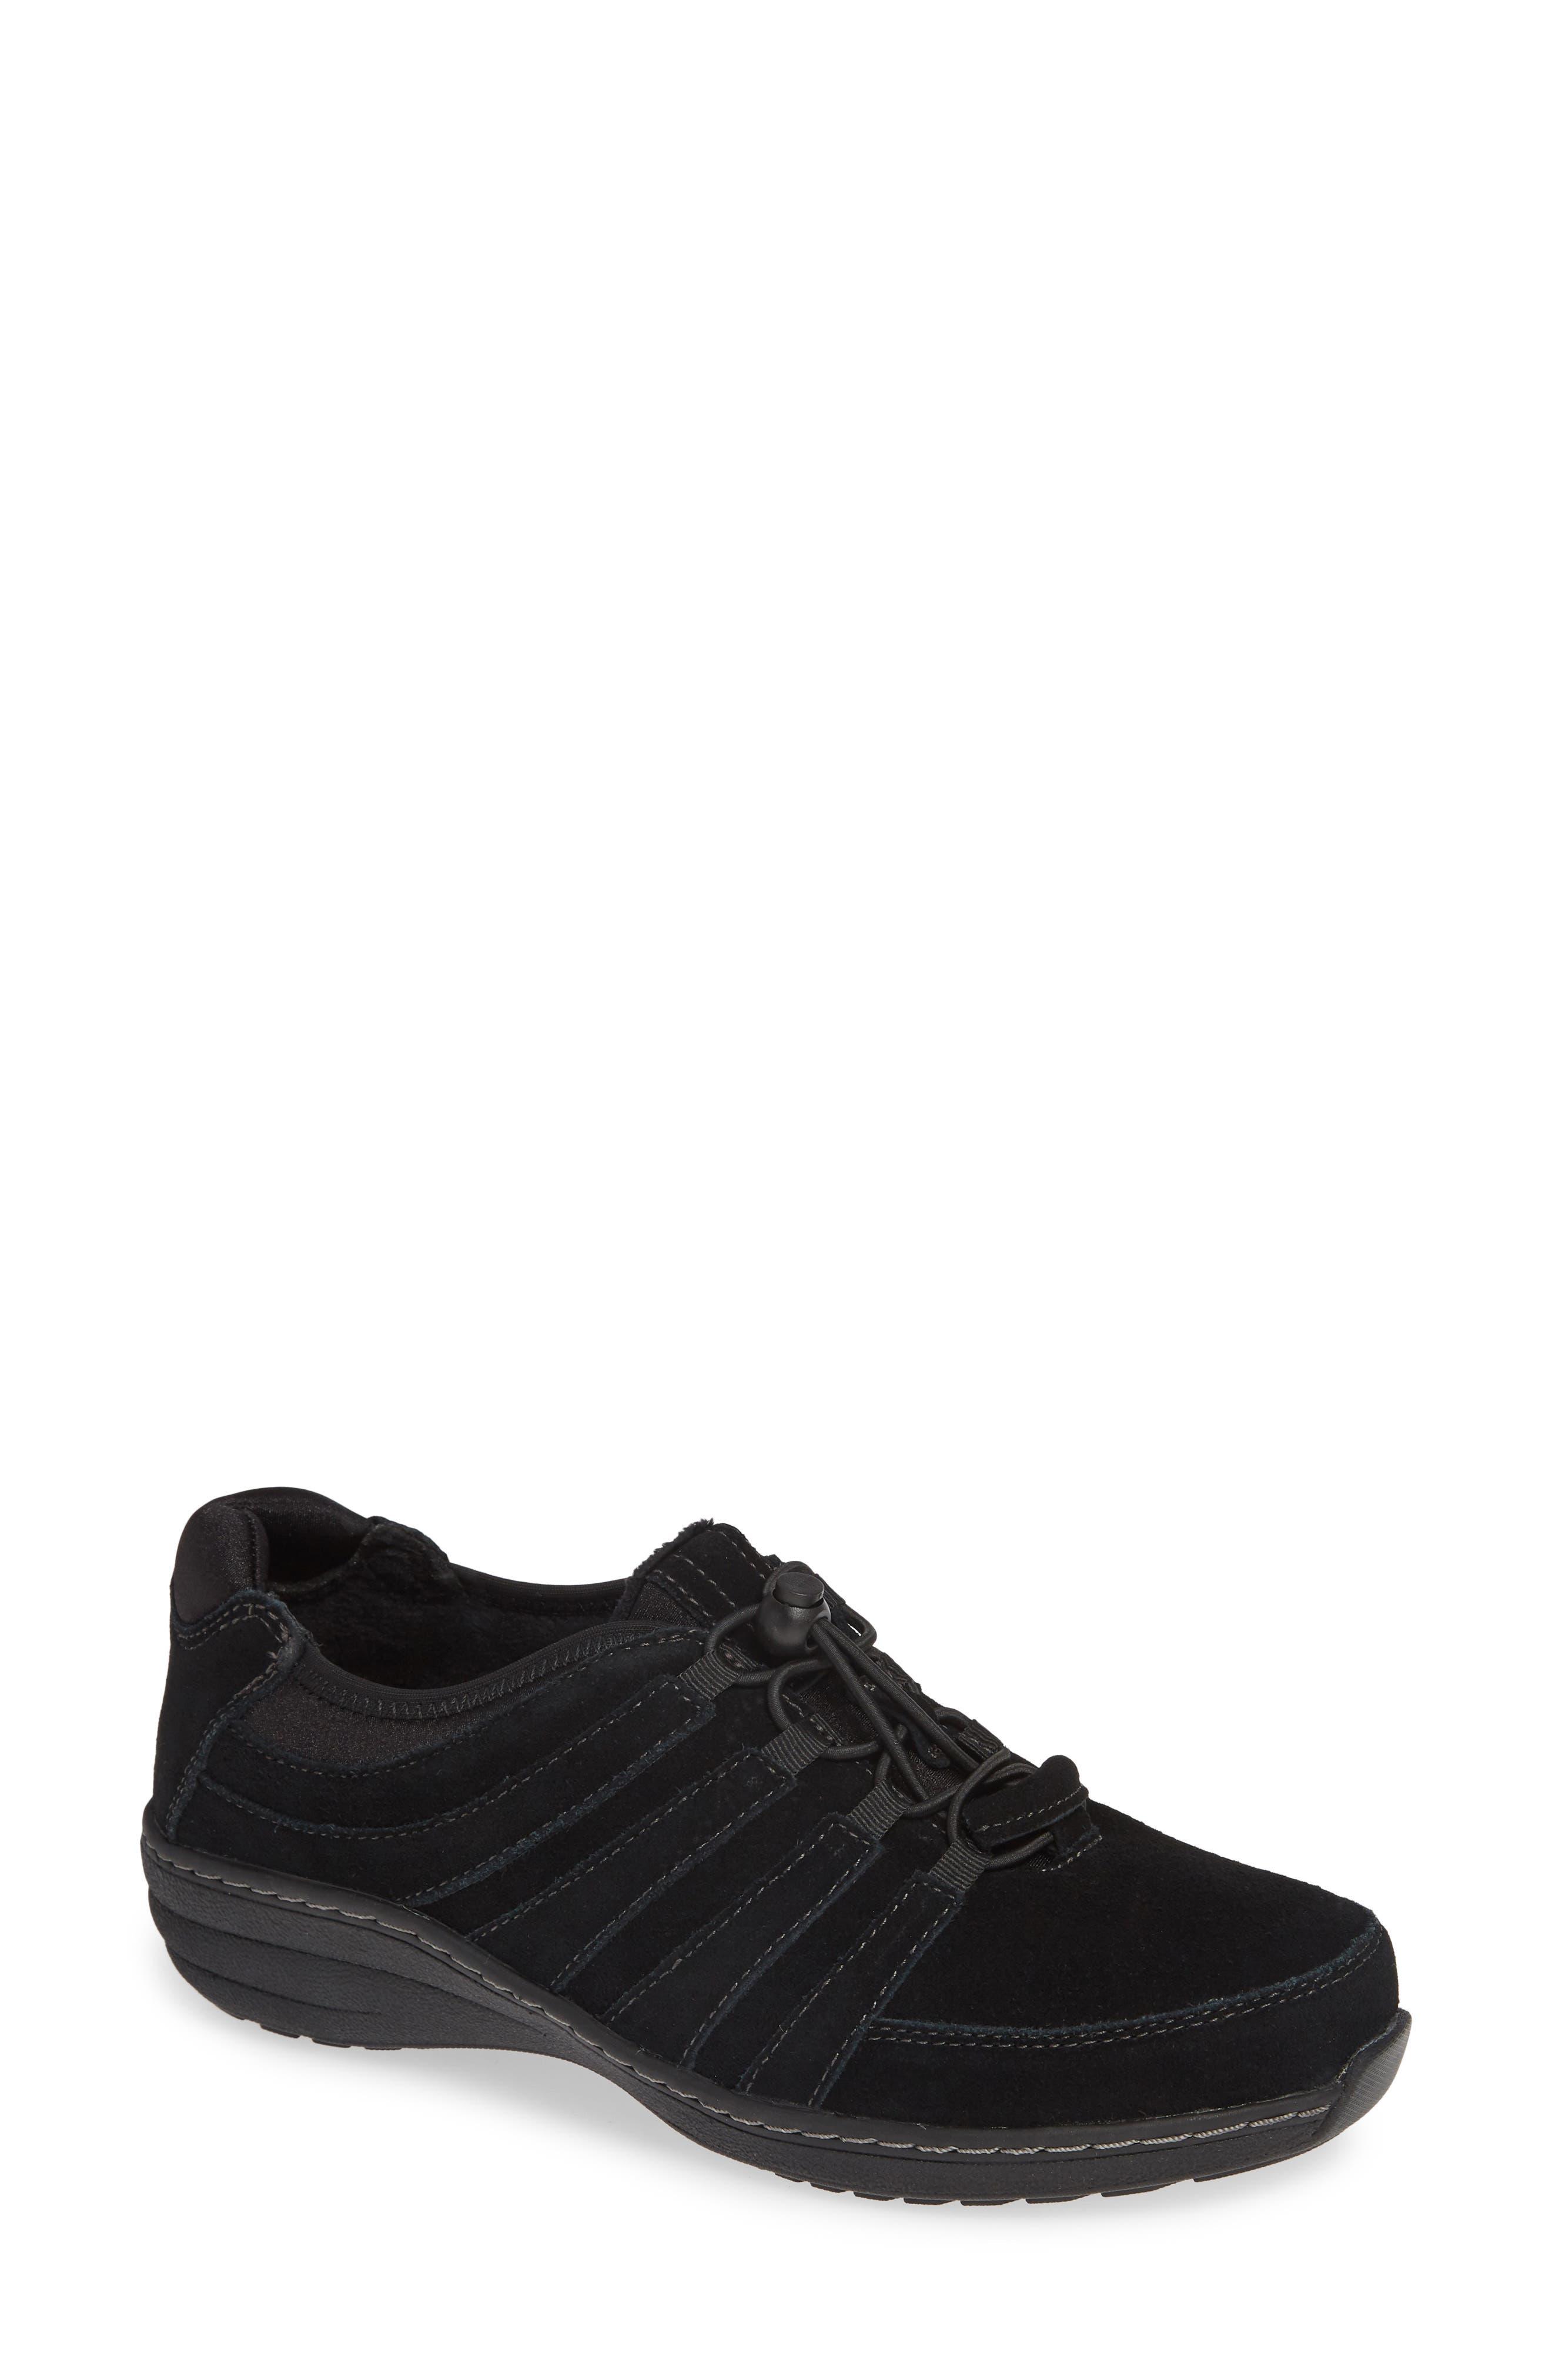 Aetrex Laney Sneaker, Black